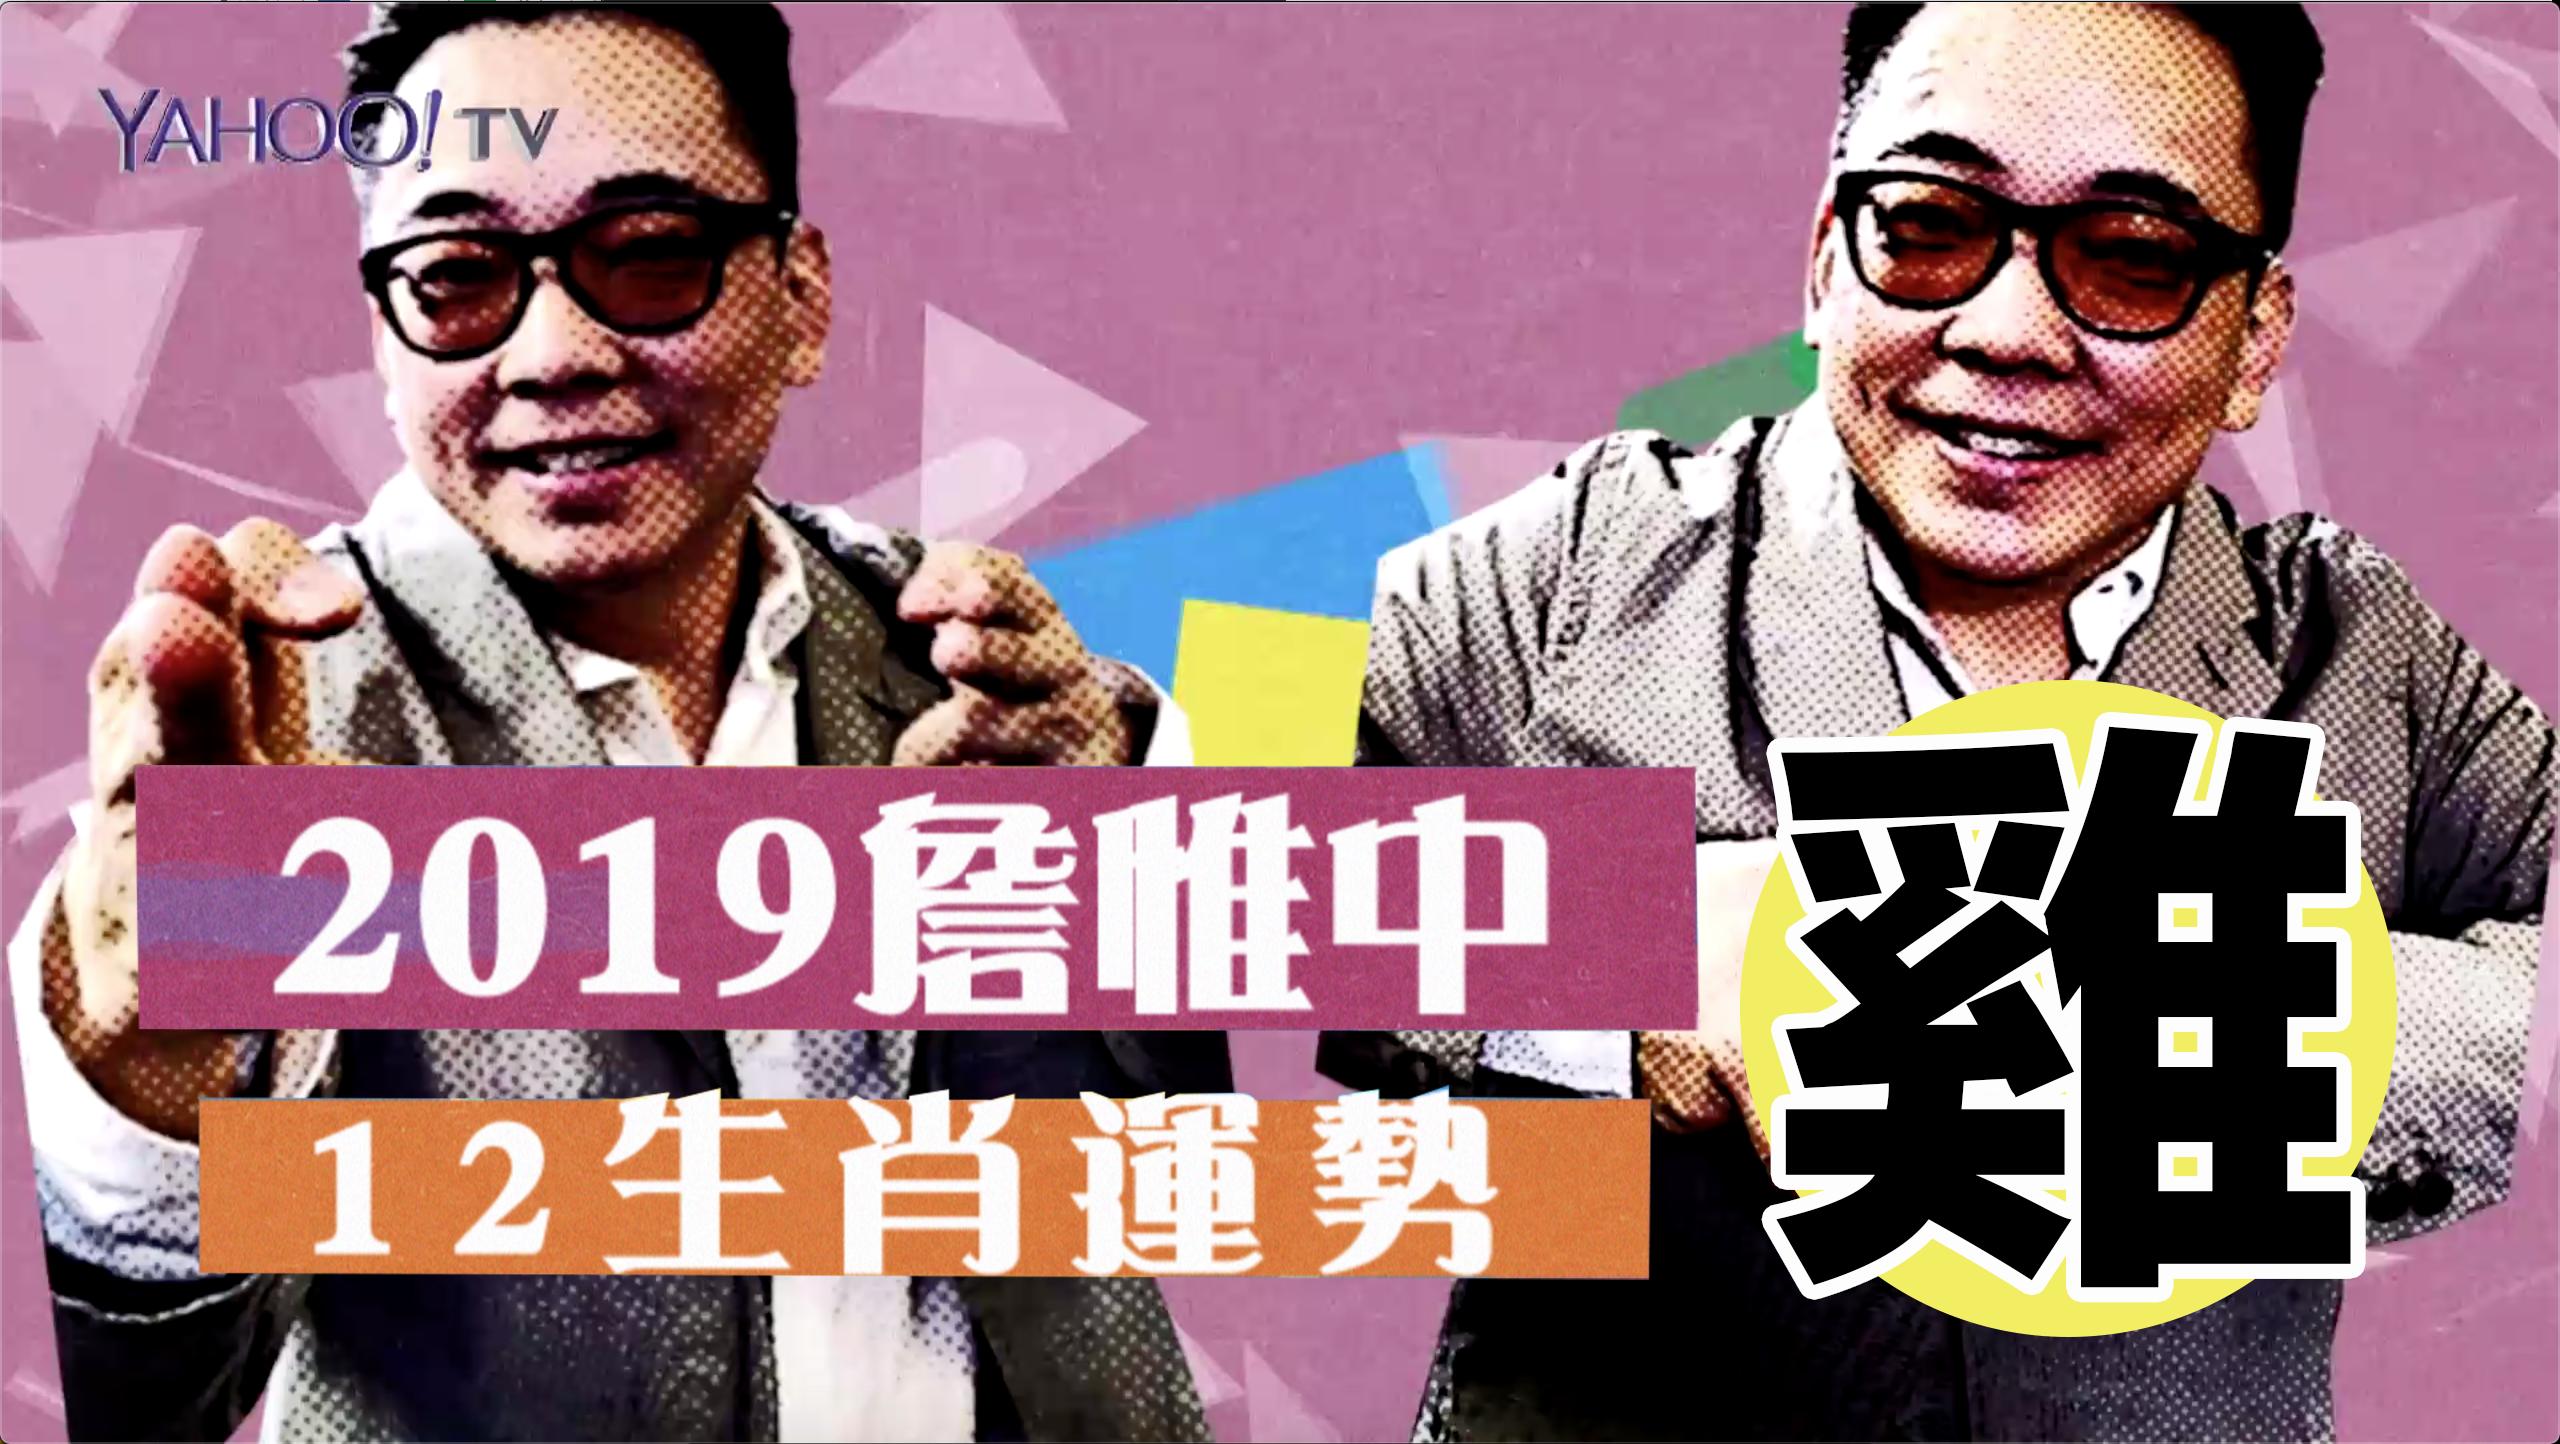 【雞】2019 流年愛情運勢 - 詹惟中生肖運勢